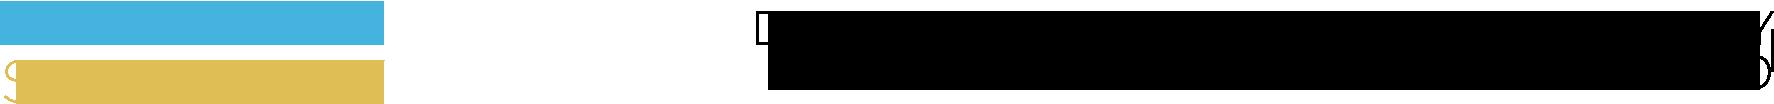 VS-Info-header-logo-v2-postponed